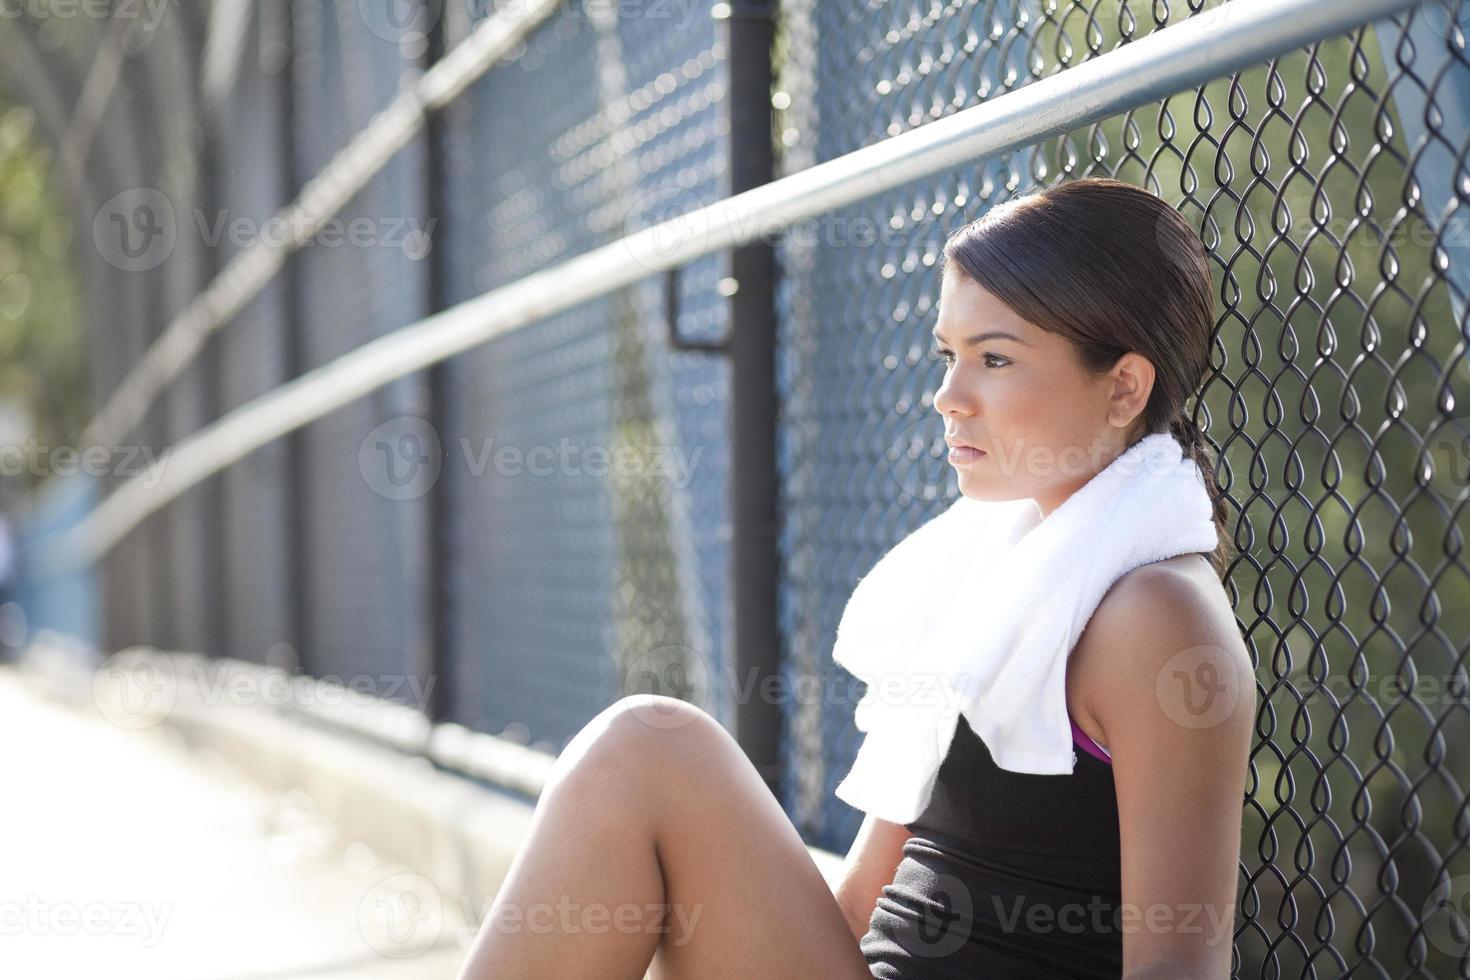 sentado descansando e pensando foto